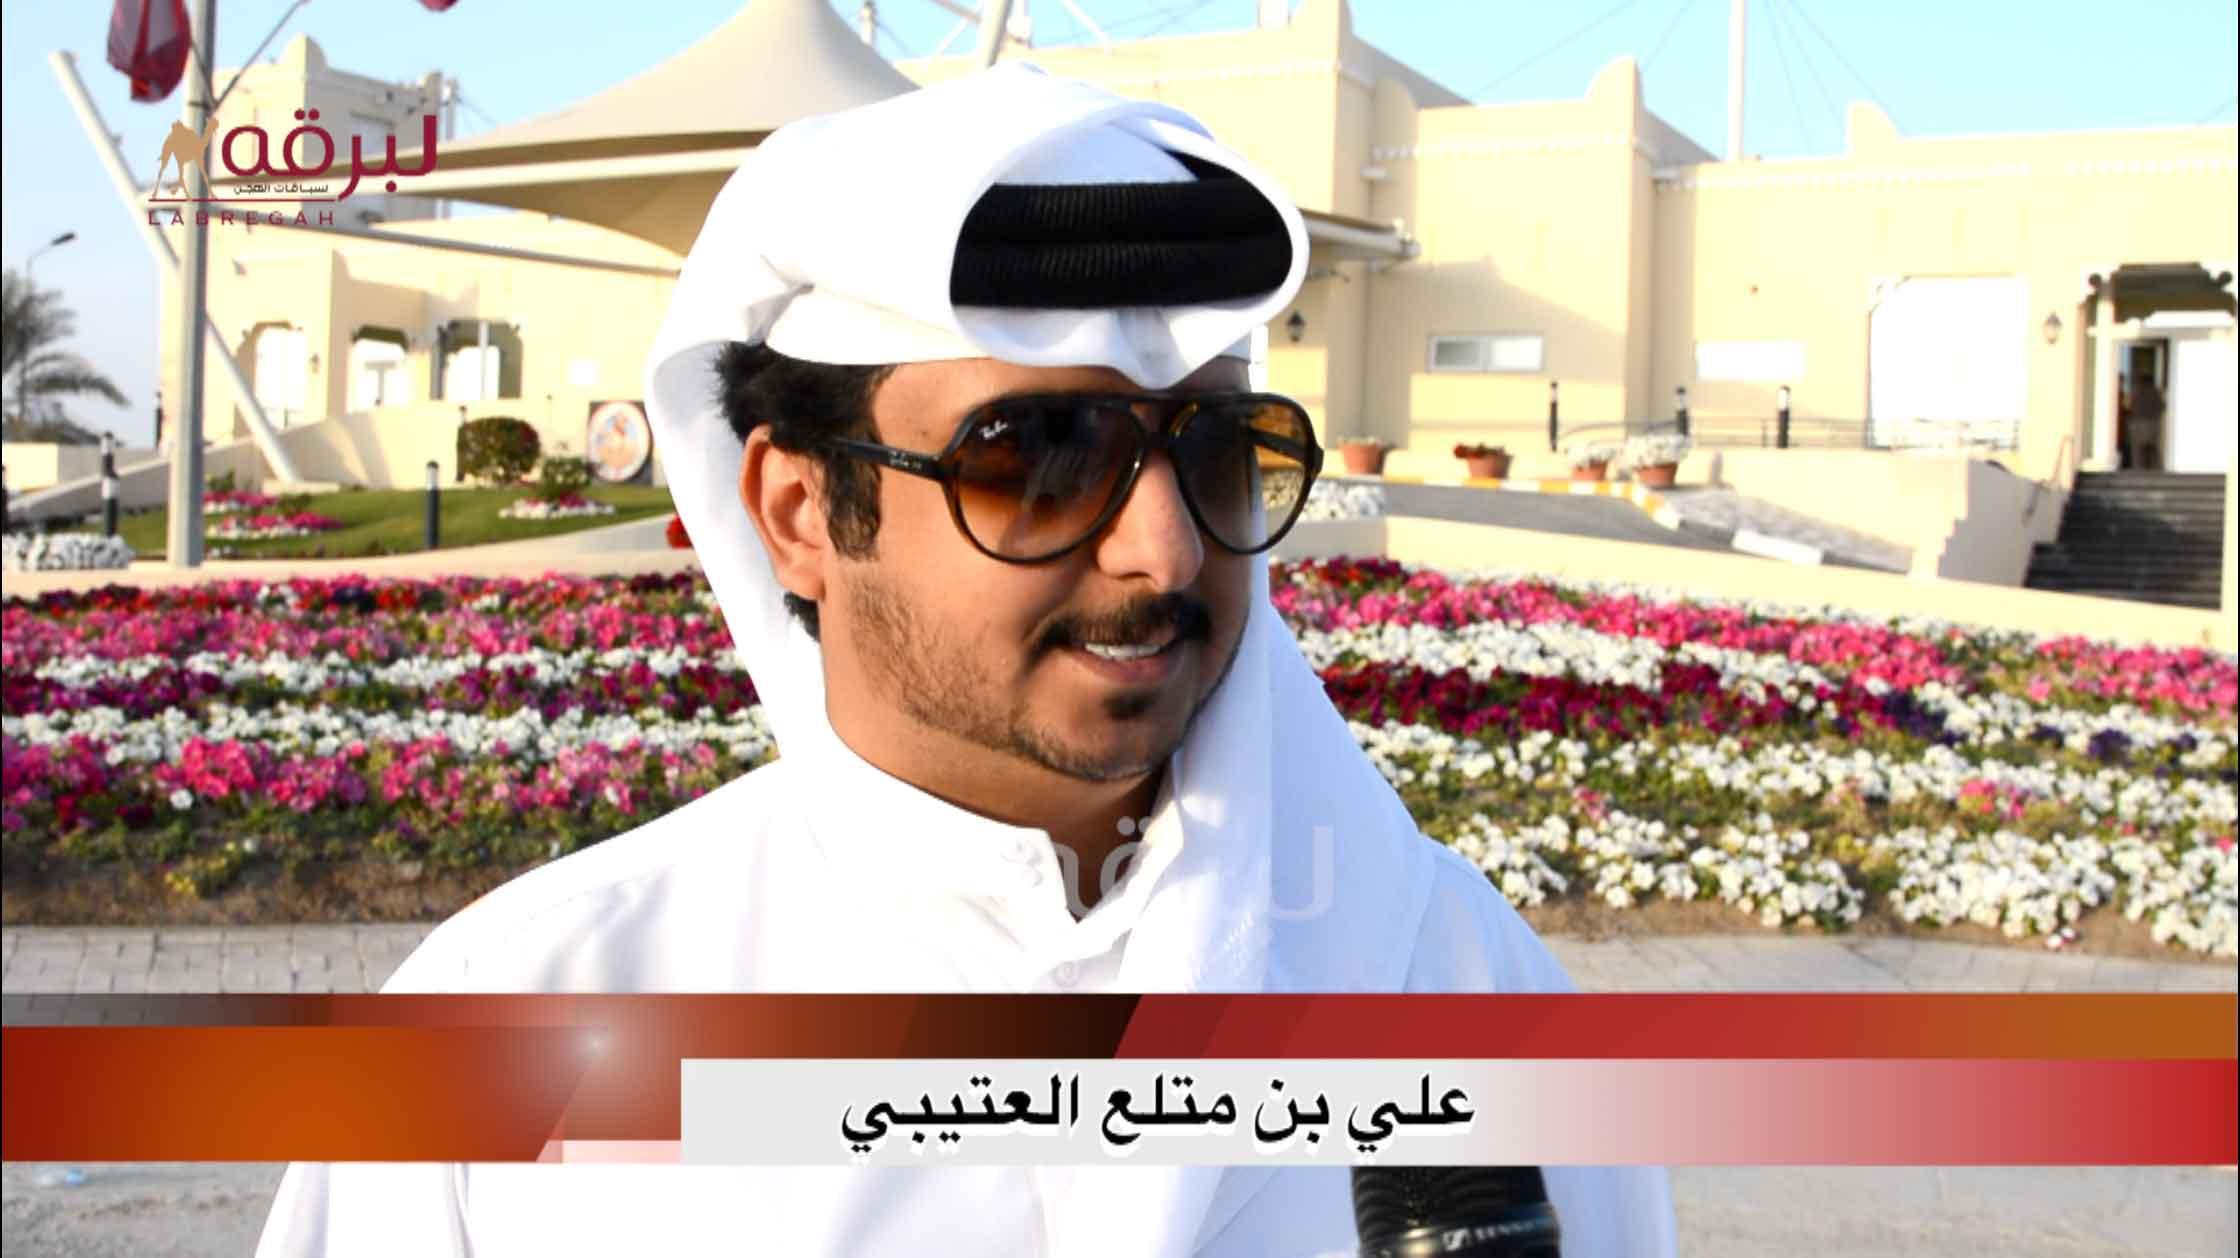 لقاء مع علي بن متلع العتيبي.. الشلفة الفضية حيل « إنتاج » الأشواط العامة  ٢٧-١-٢٠٢١